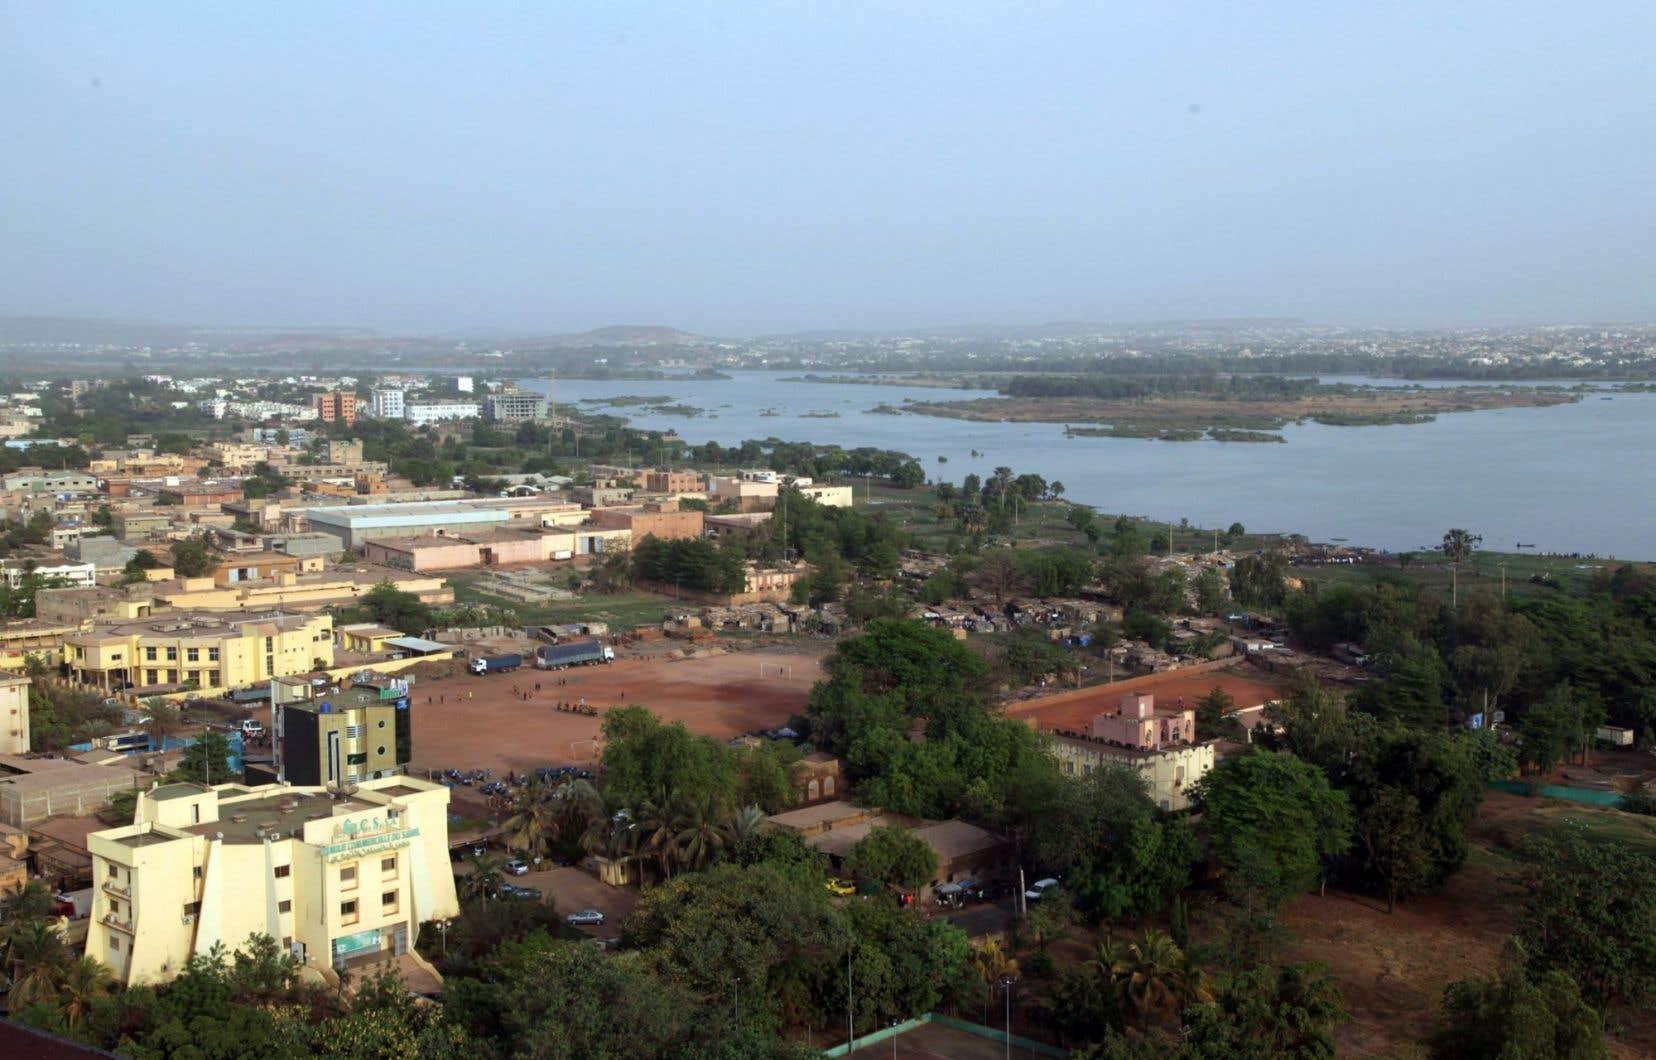 La dernière attaque djihadiste visant des Occidentaux dans la capitale malienne remonte à mars 2016.